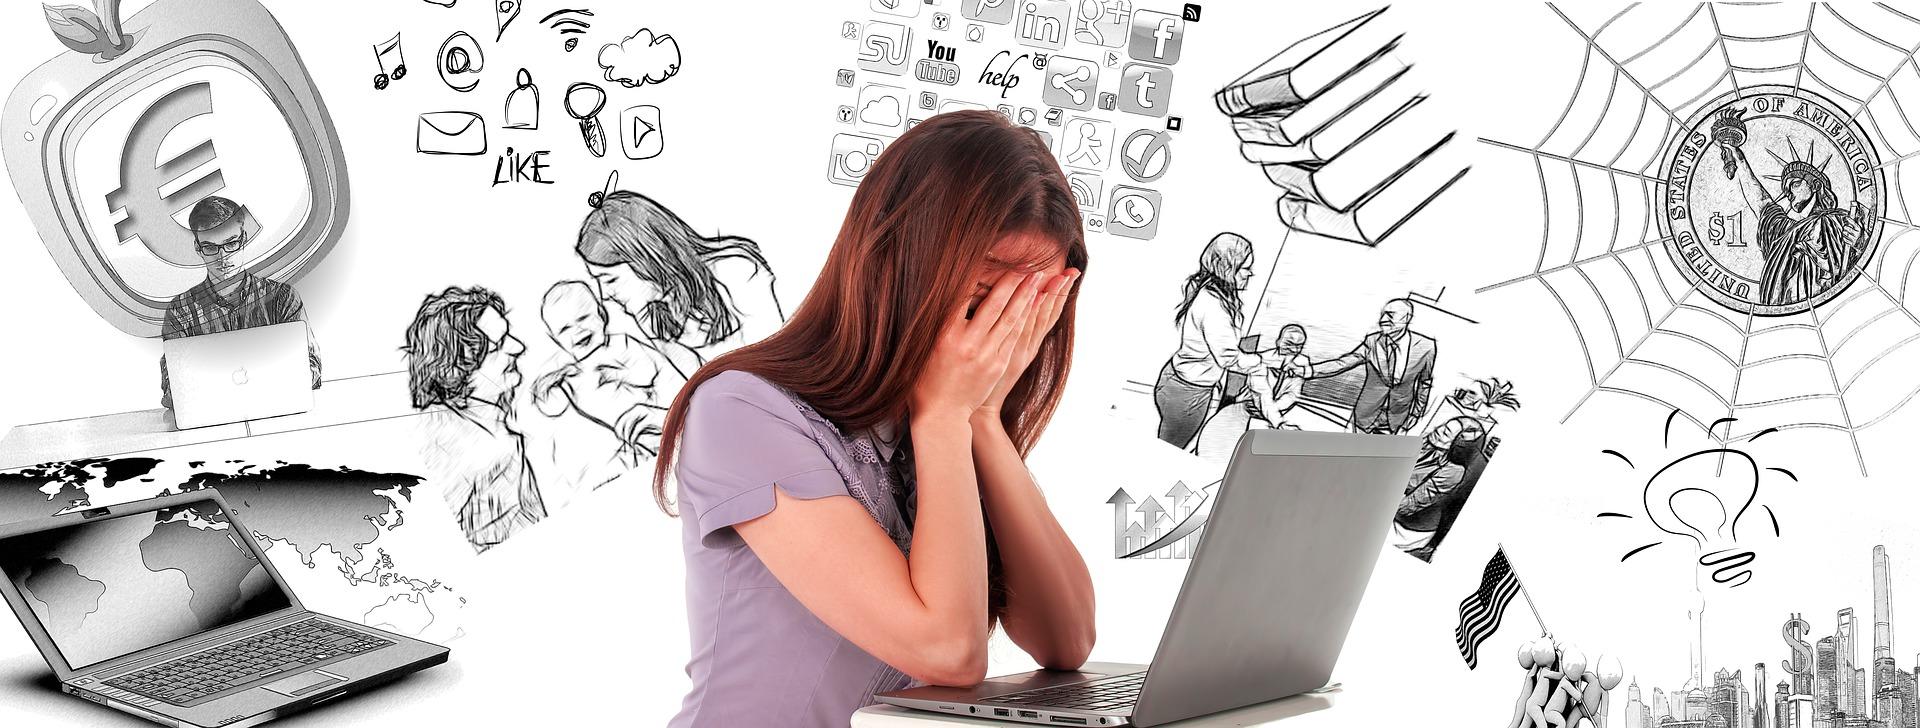 Frau-Stressfaktoren